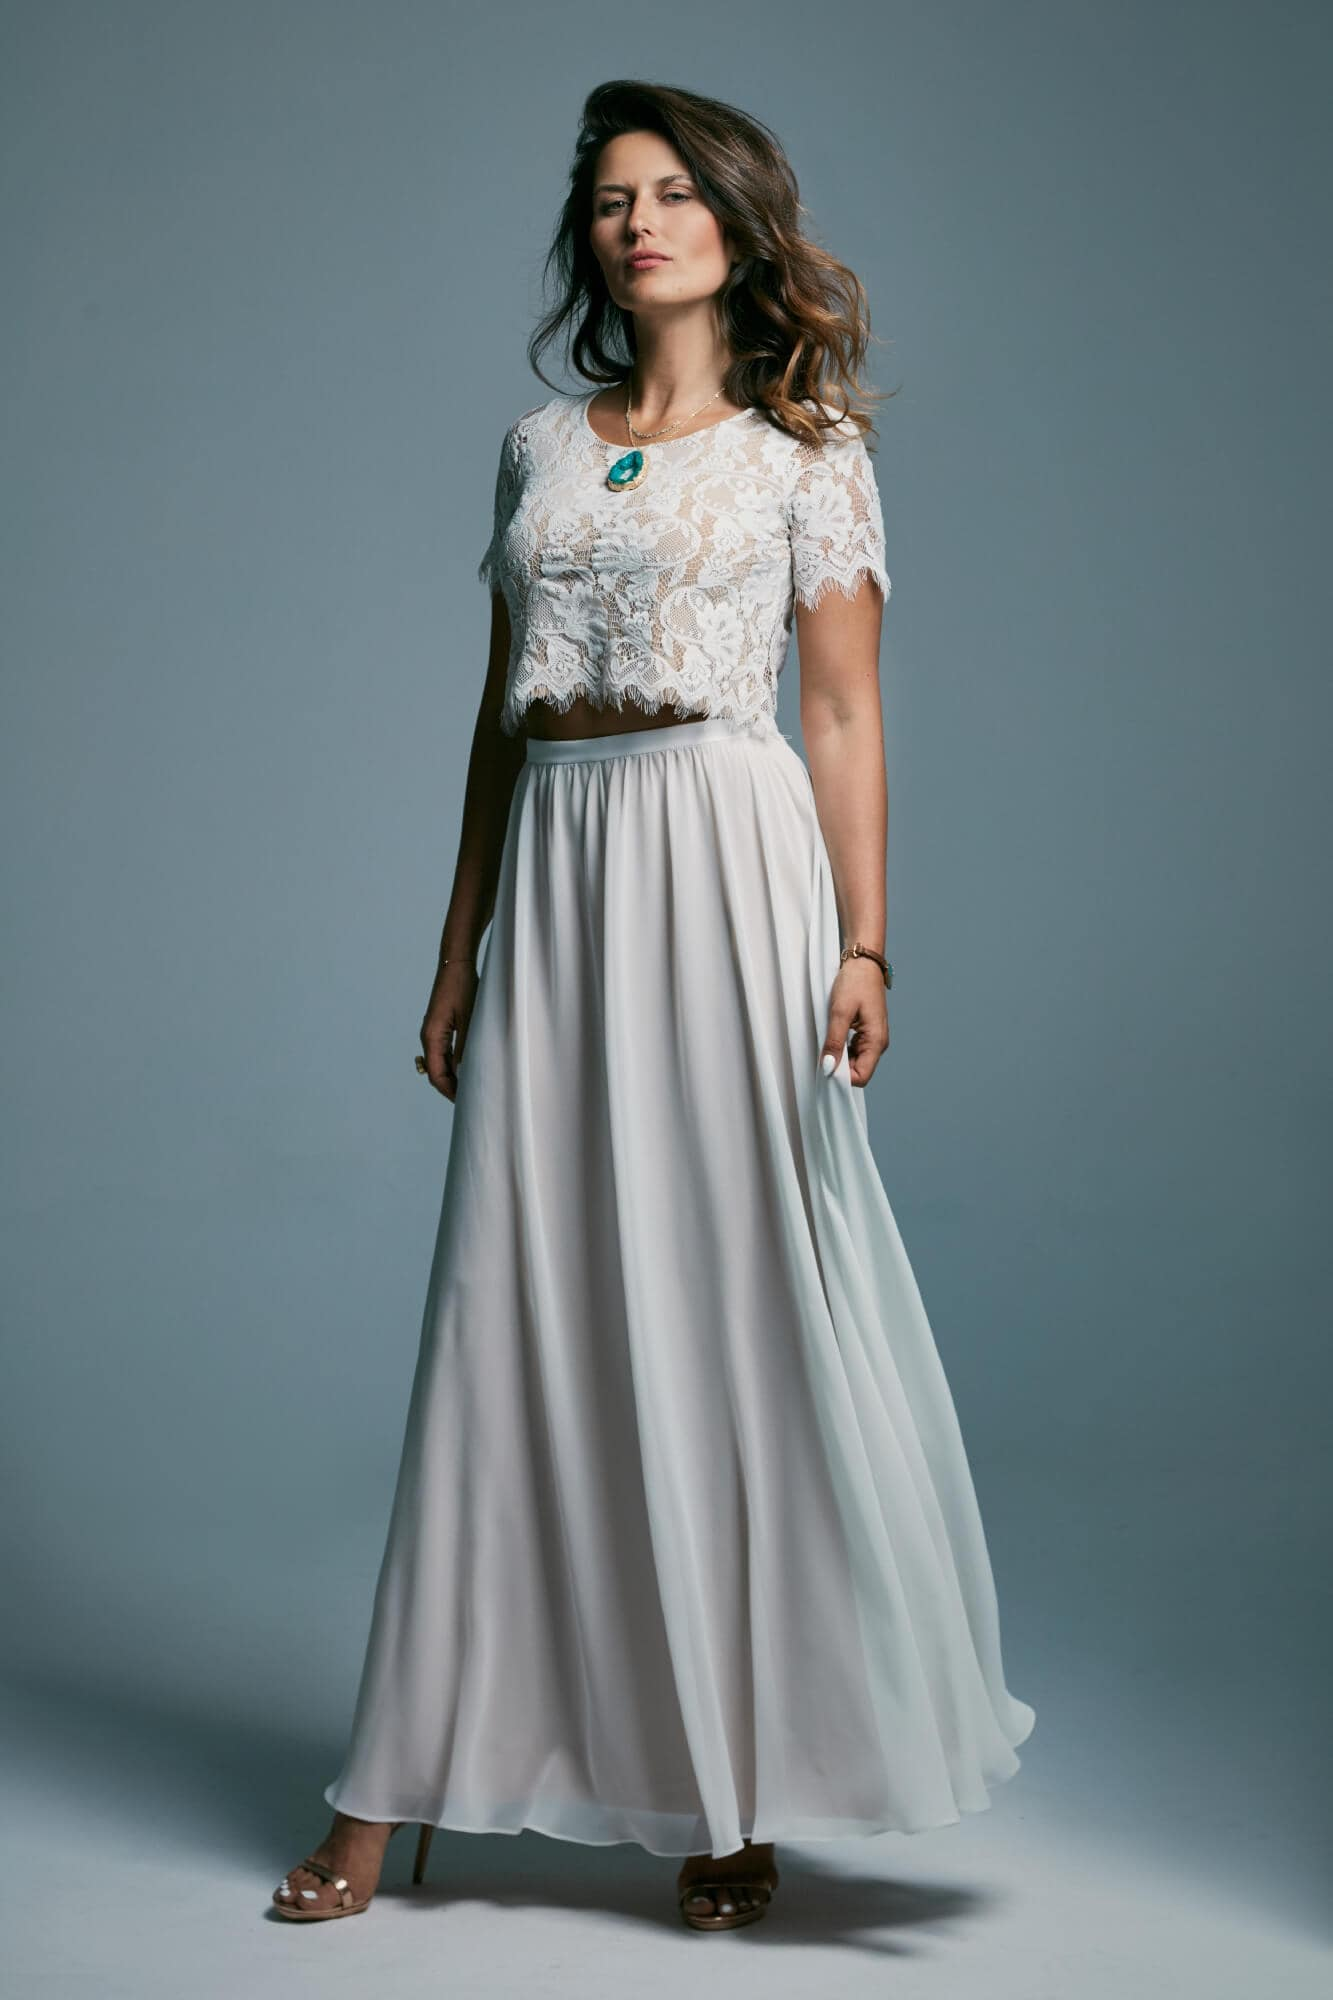 Delikatna sukienka ślubna z lekką gładką spódnicą i koronkowym topem Porto 23